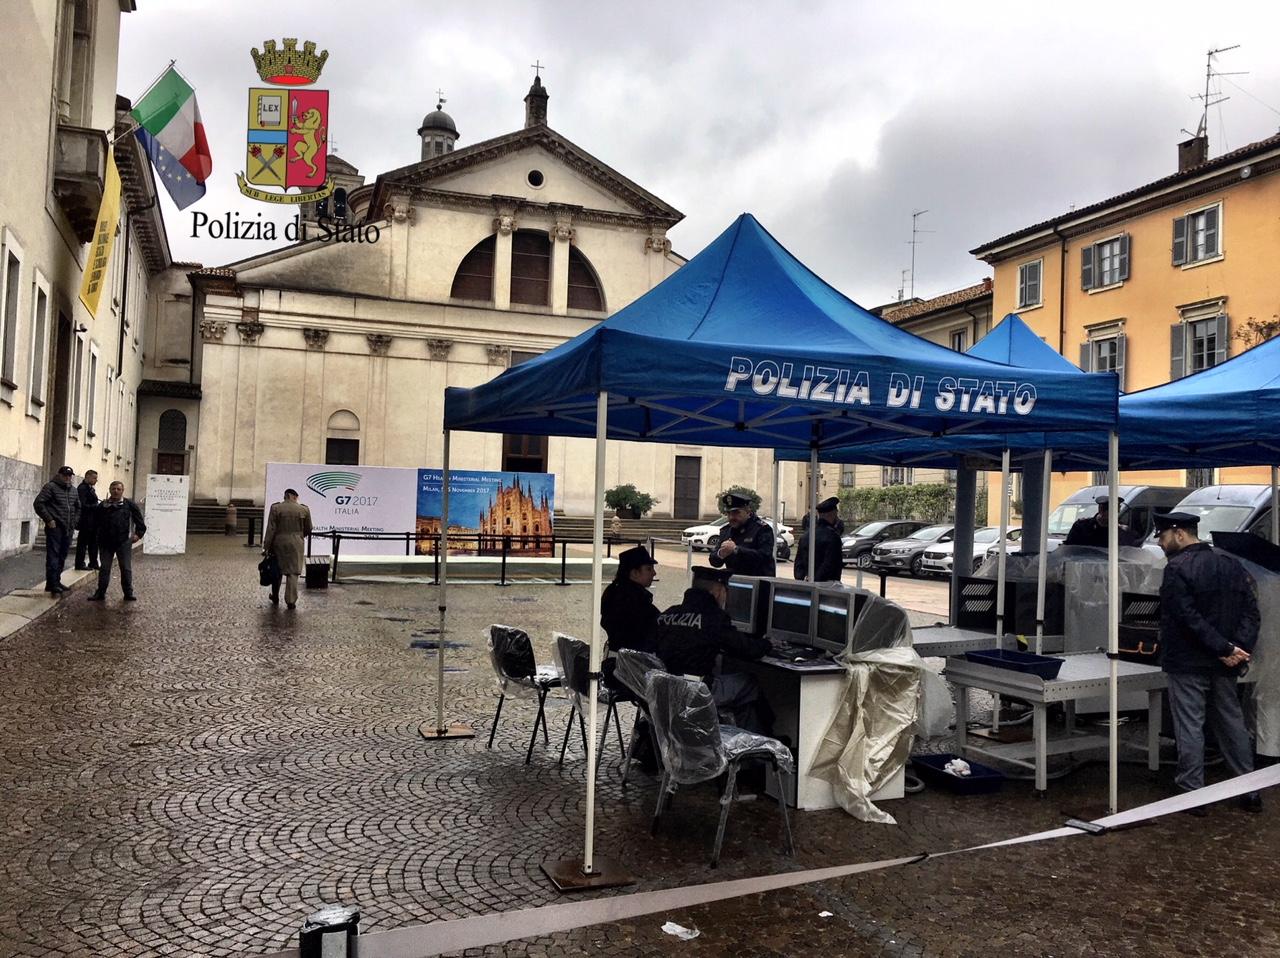 Ufficio Passaporti A Milano : Polizia di stato questure sul web milano